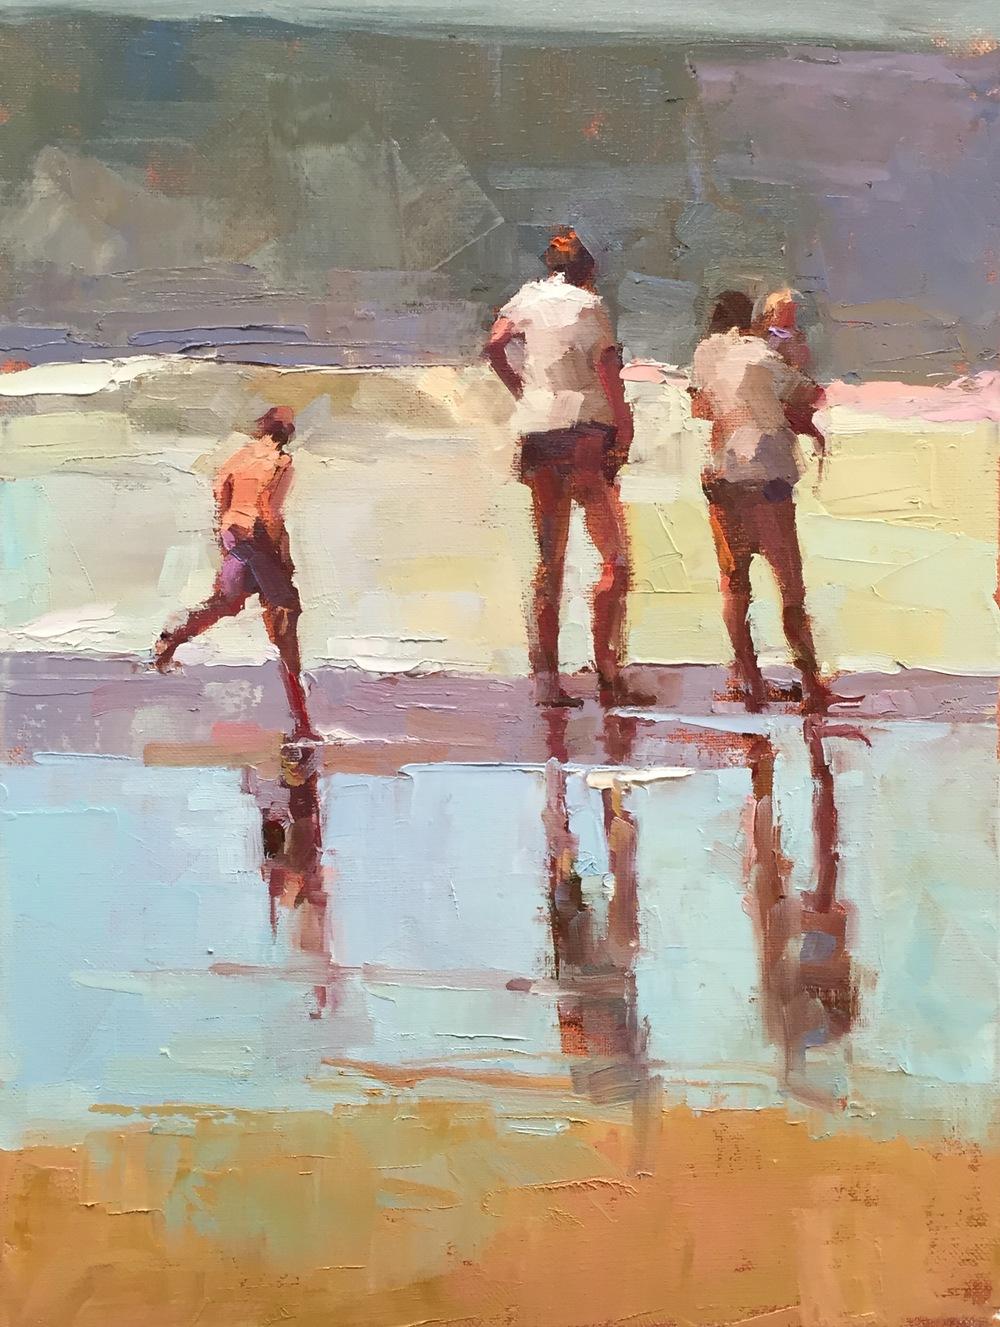 4 On a Beach 12 x 16